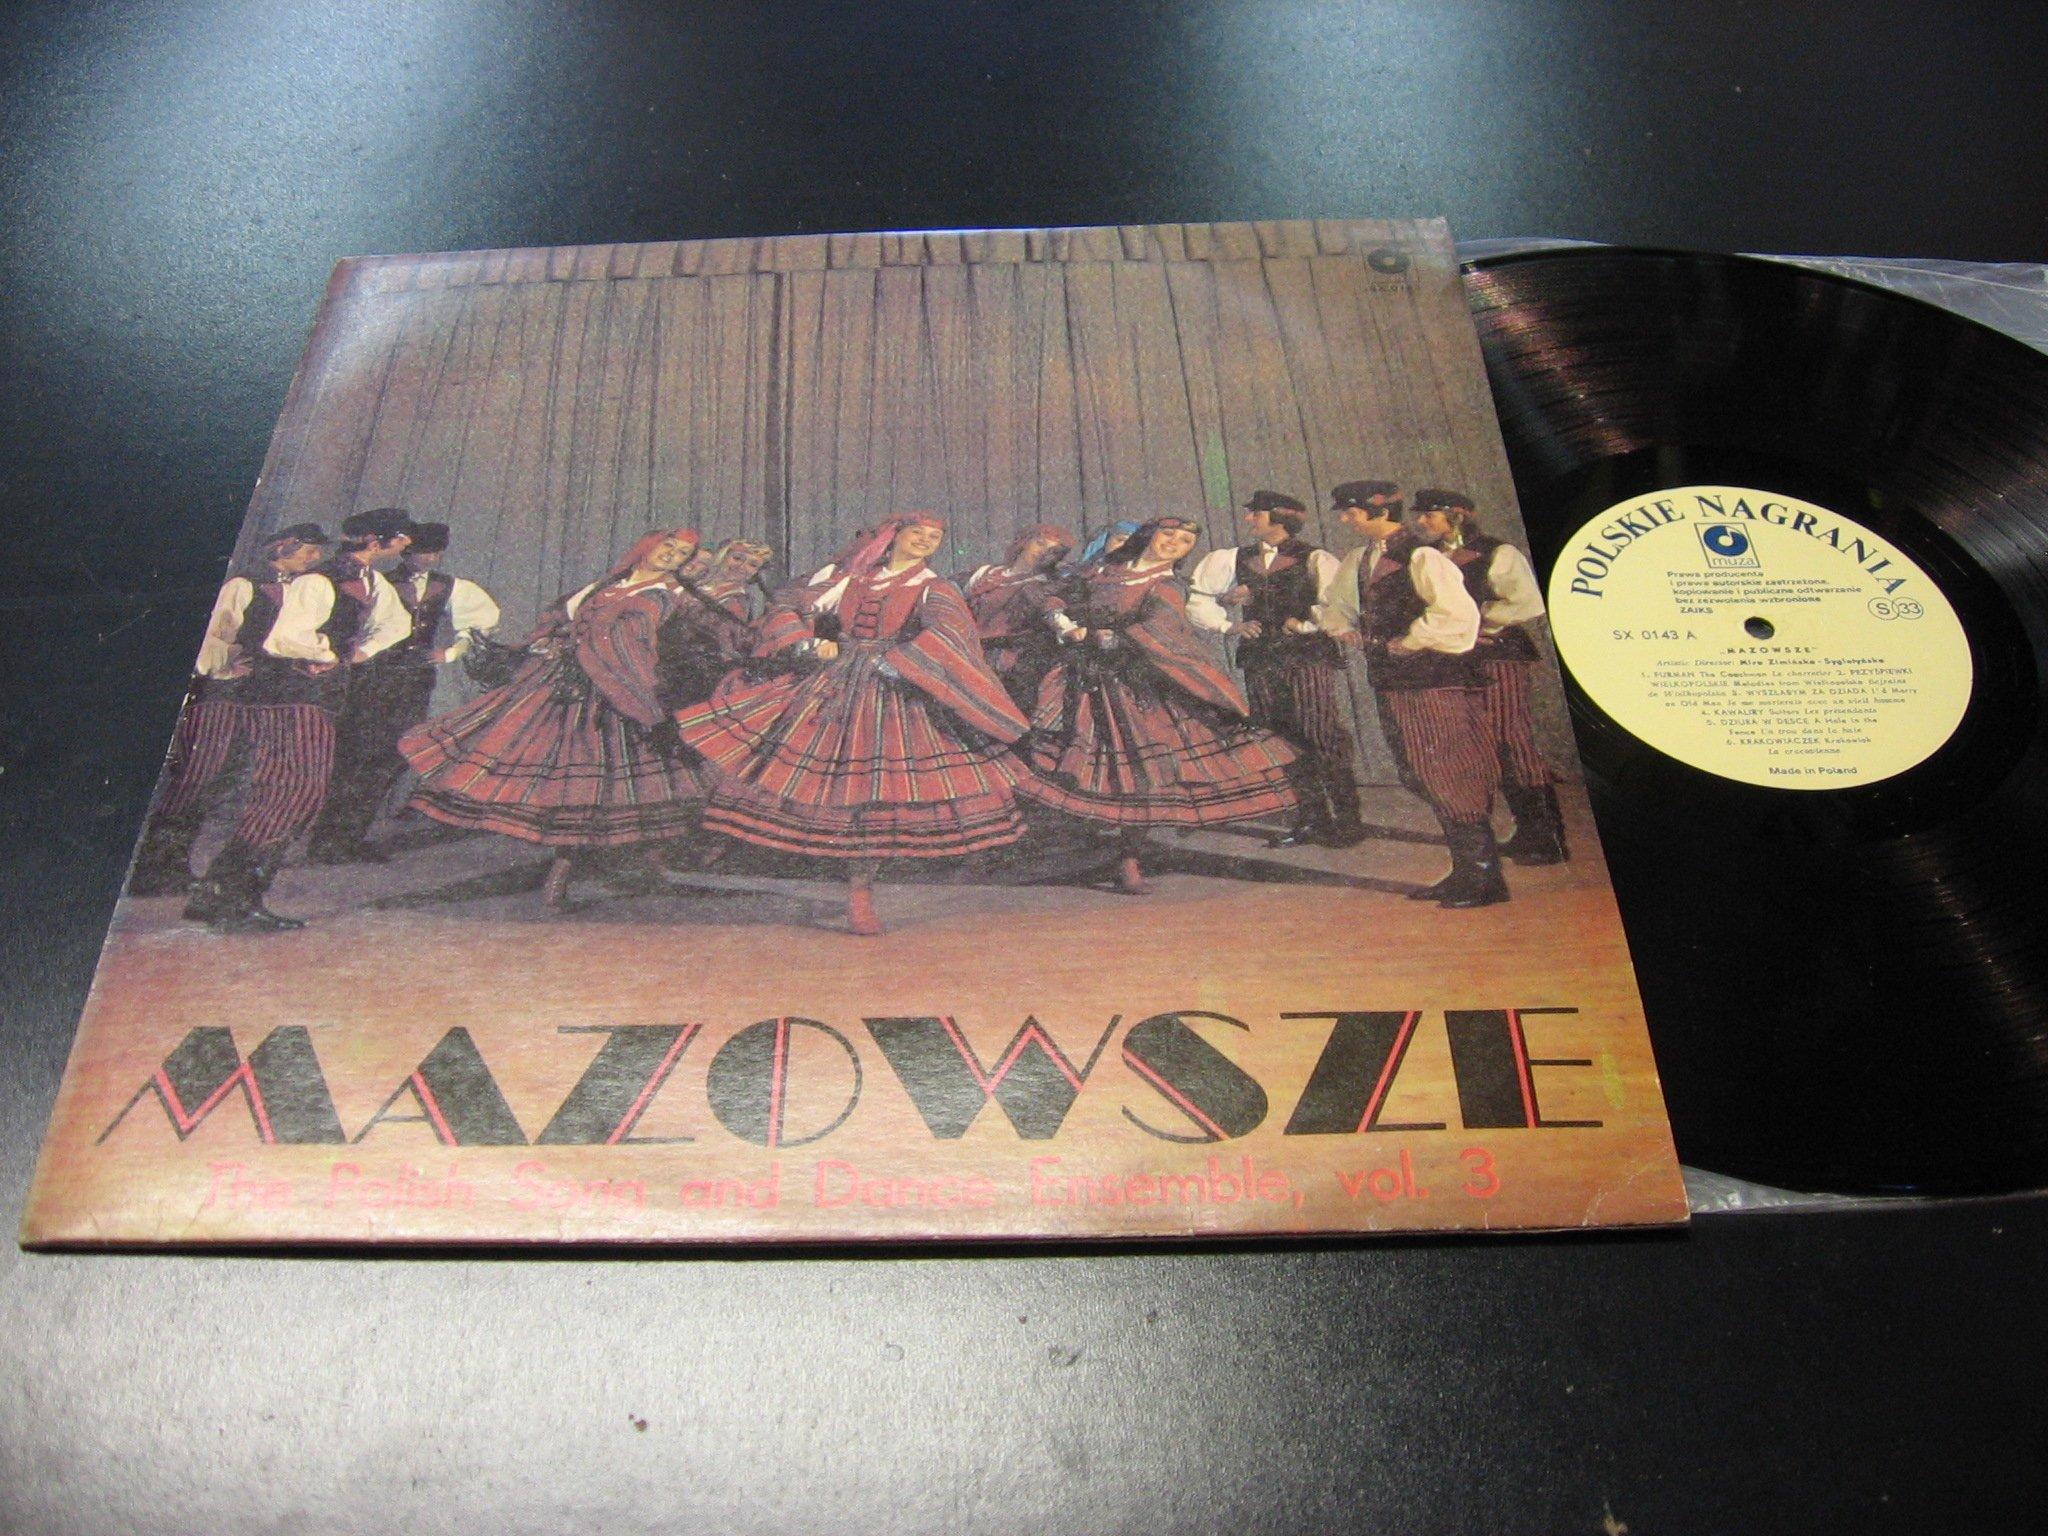 MAZOWSZE vol.3 - LP - Opole